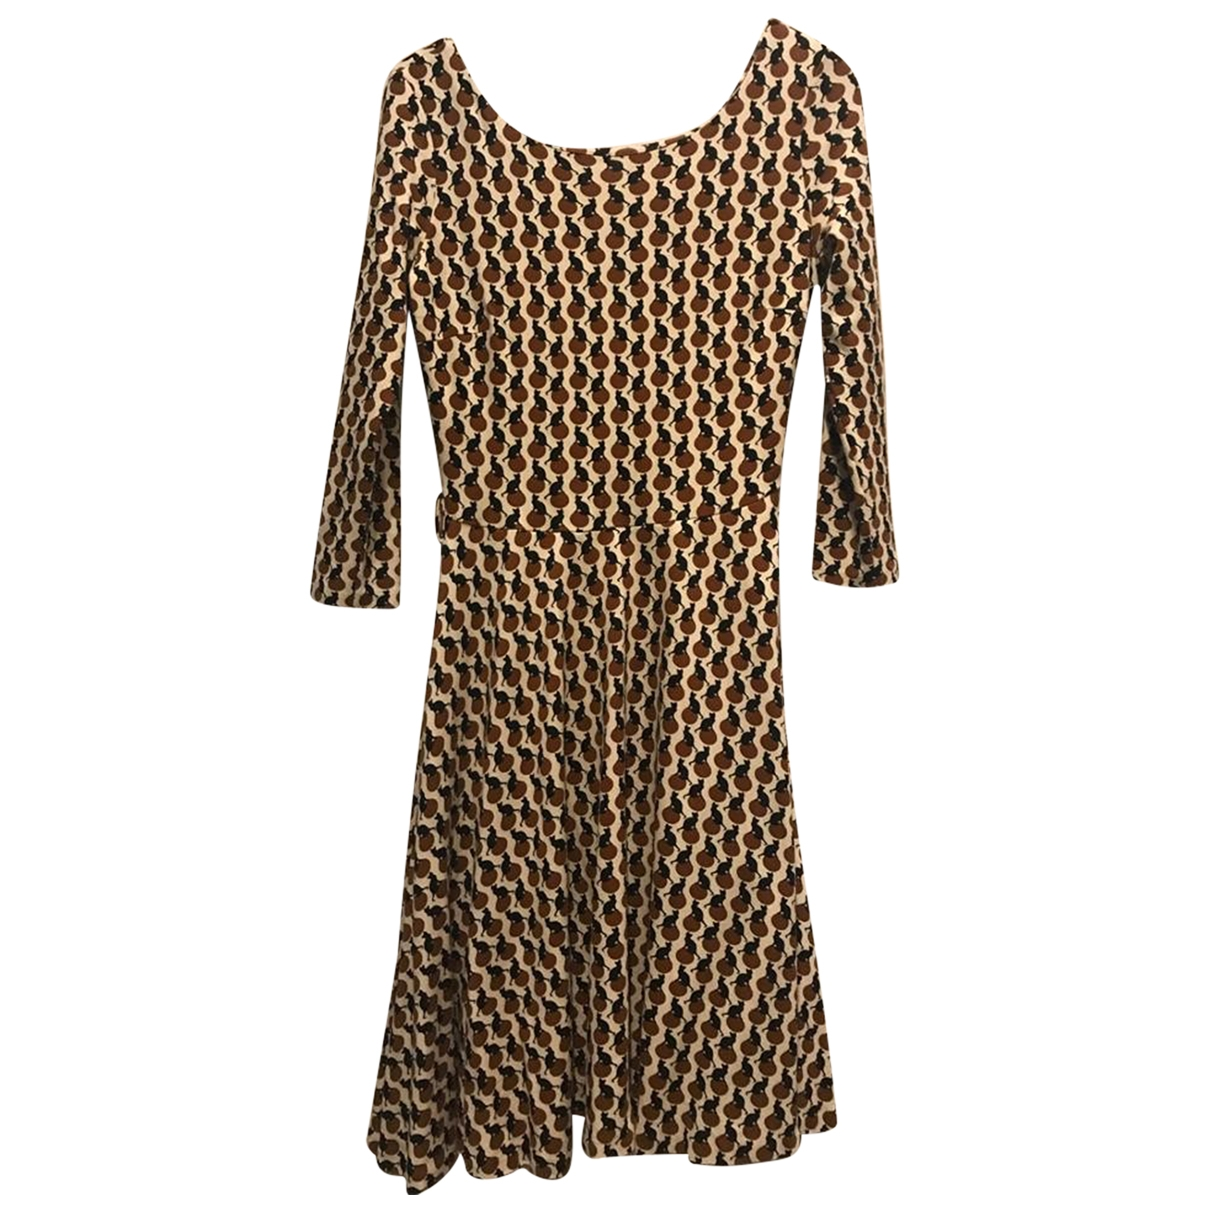 Mango \N Kleid in  Beige Viskose